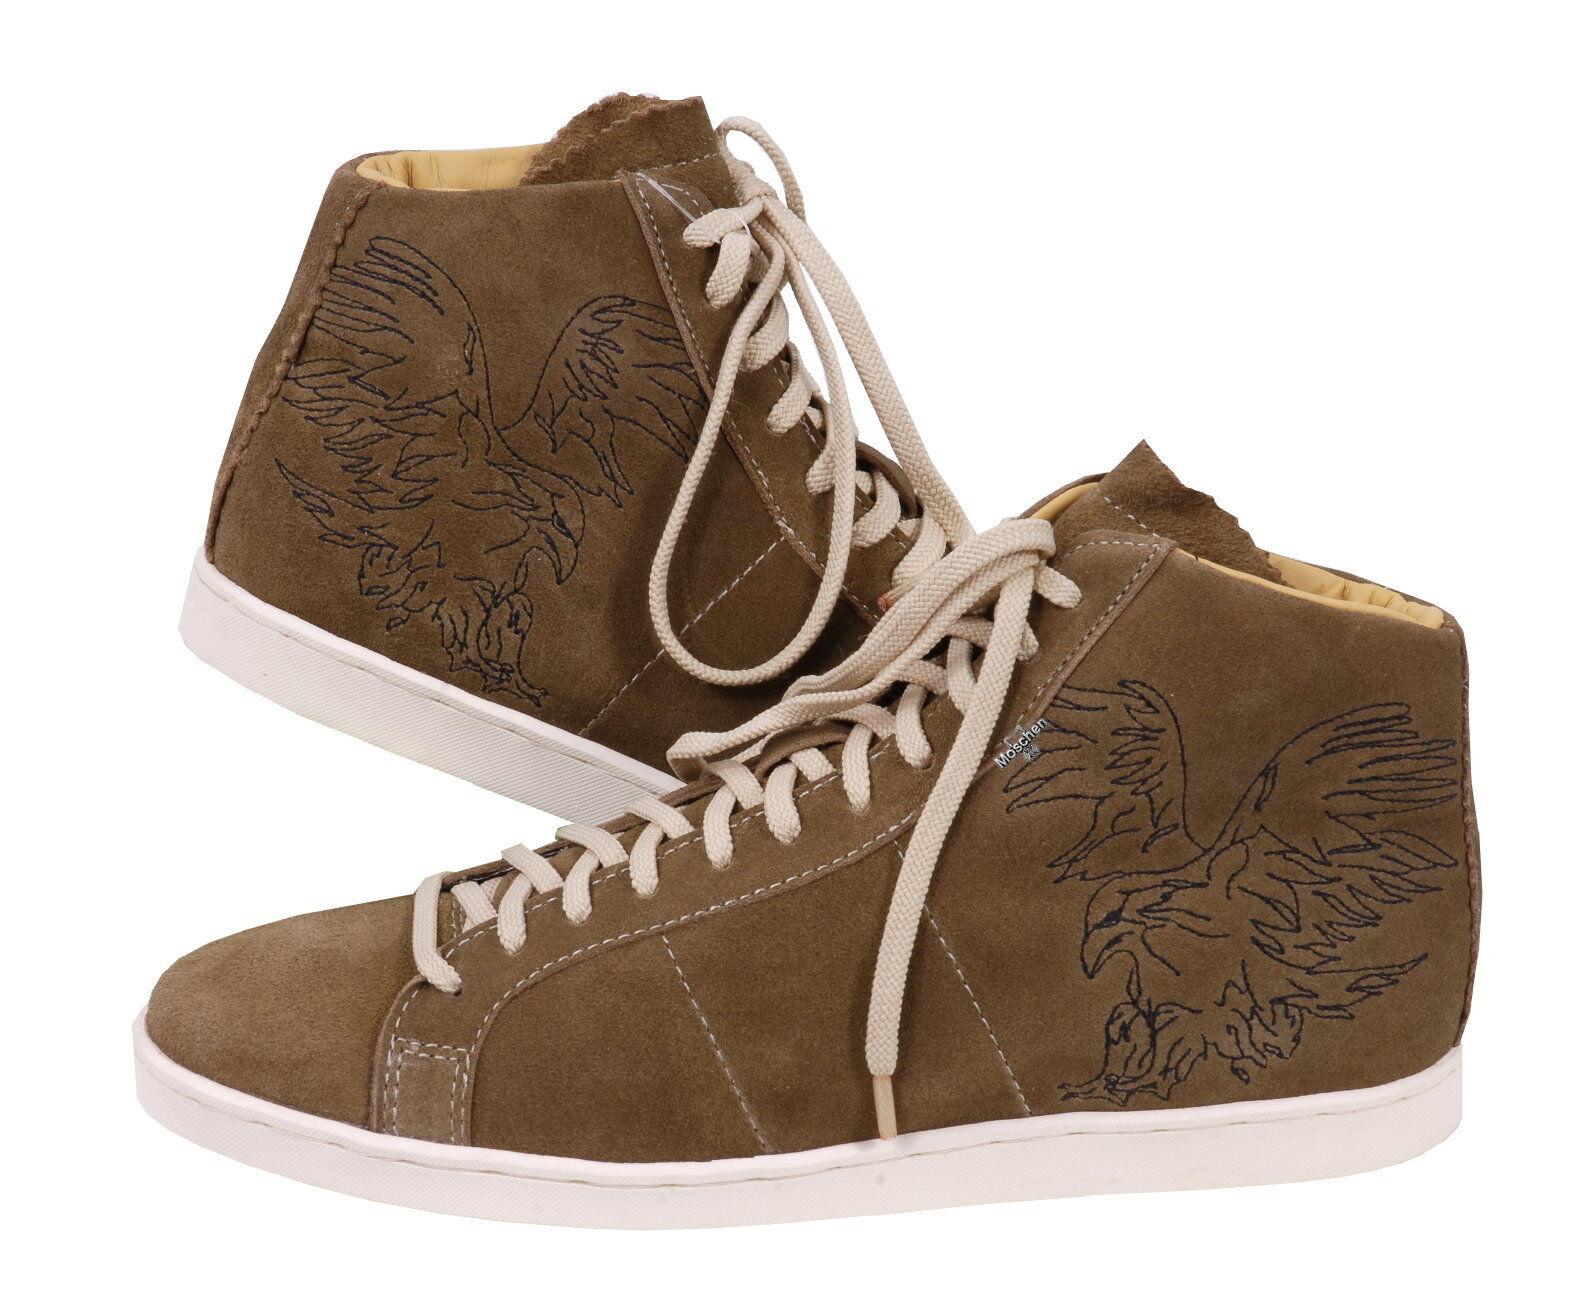 Zapatillas zapato Trachten zapato señores de gamuza premium calidad marrón marrón claro